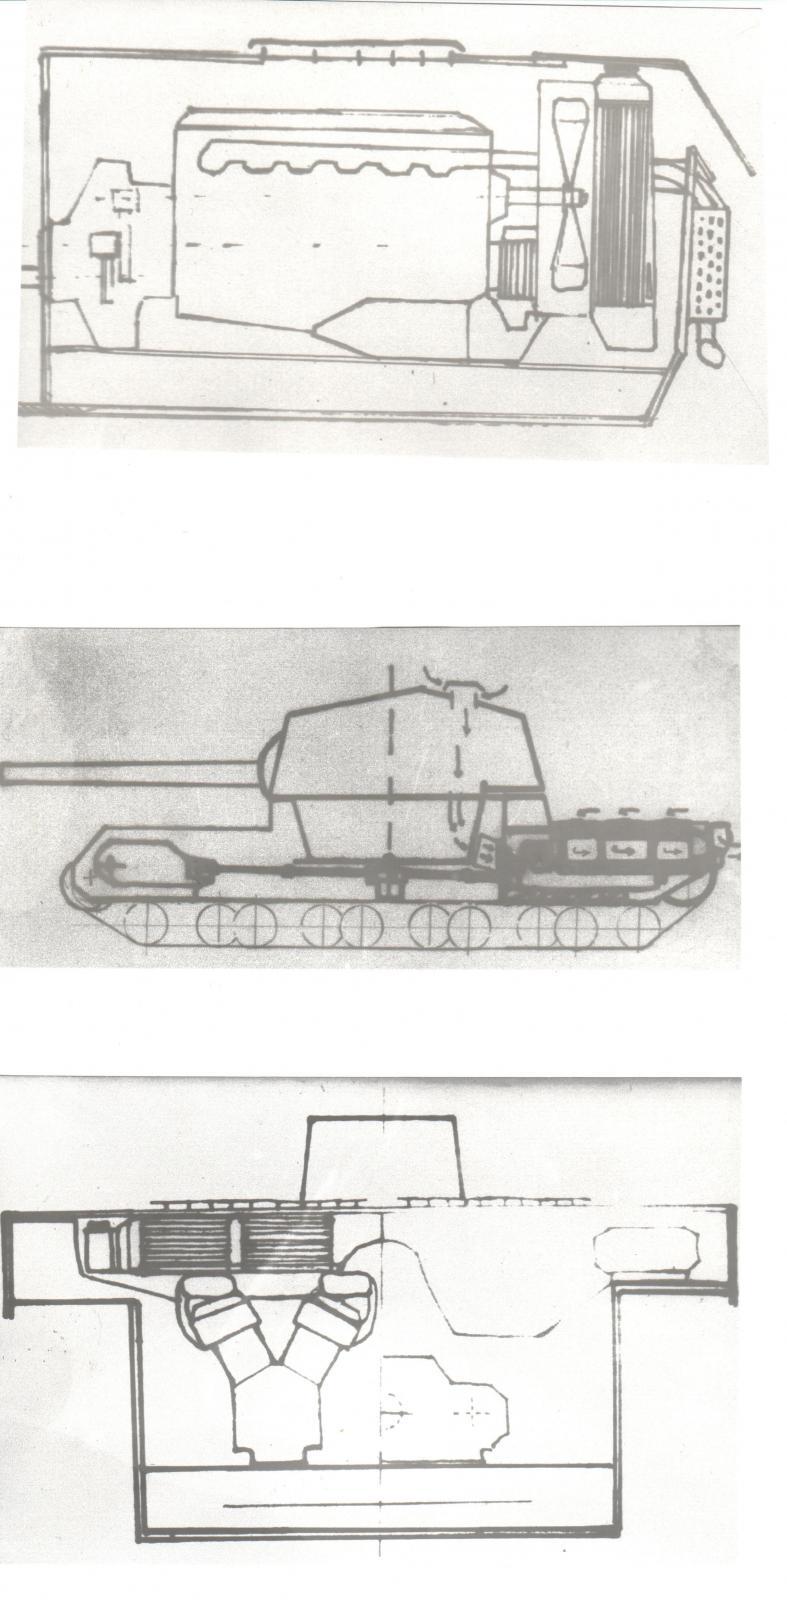 Kuvahaun tulos haulle type 2604